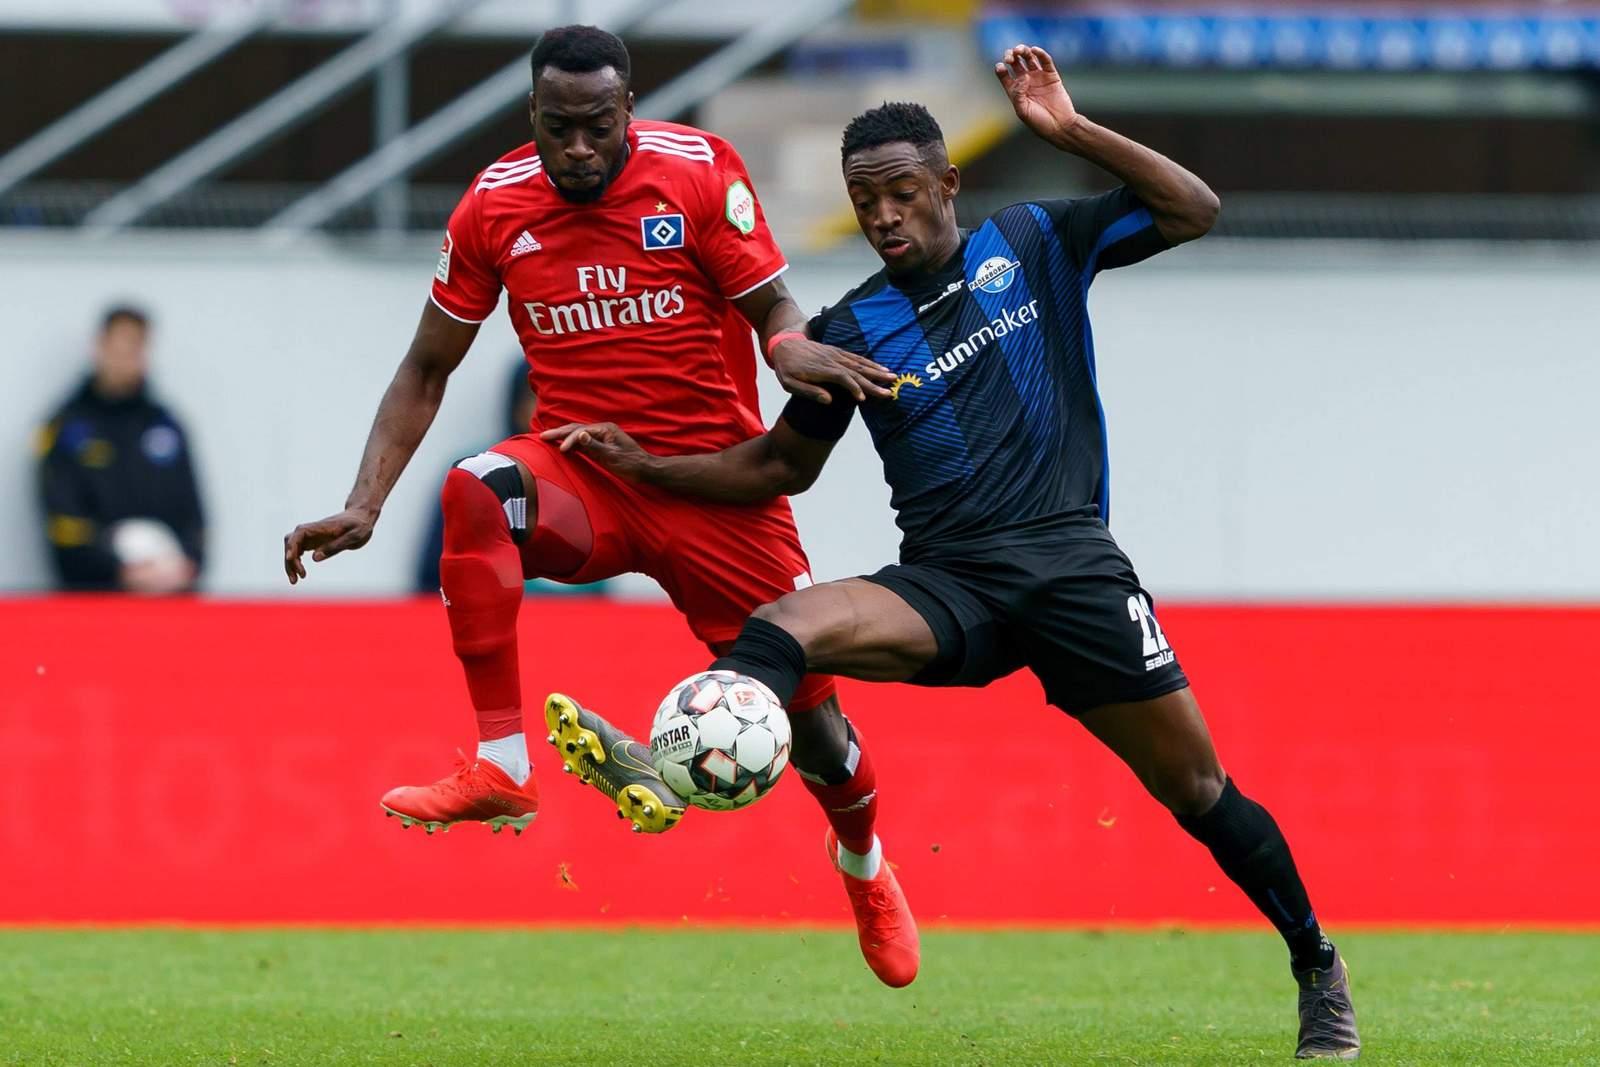 Khaled Narey vom HSV gegen Christopher Antwi-Adjei vom SC Paderborn